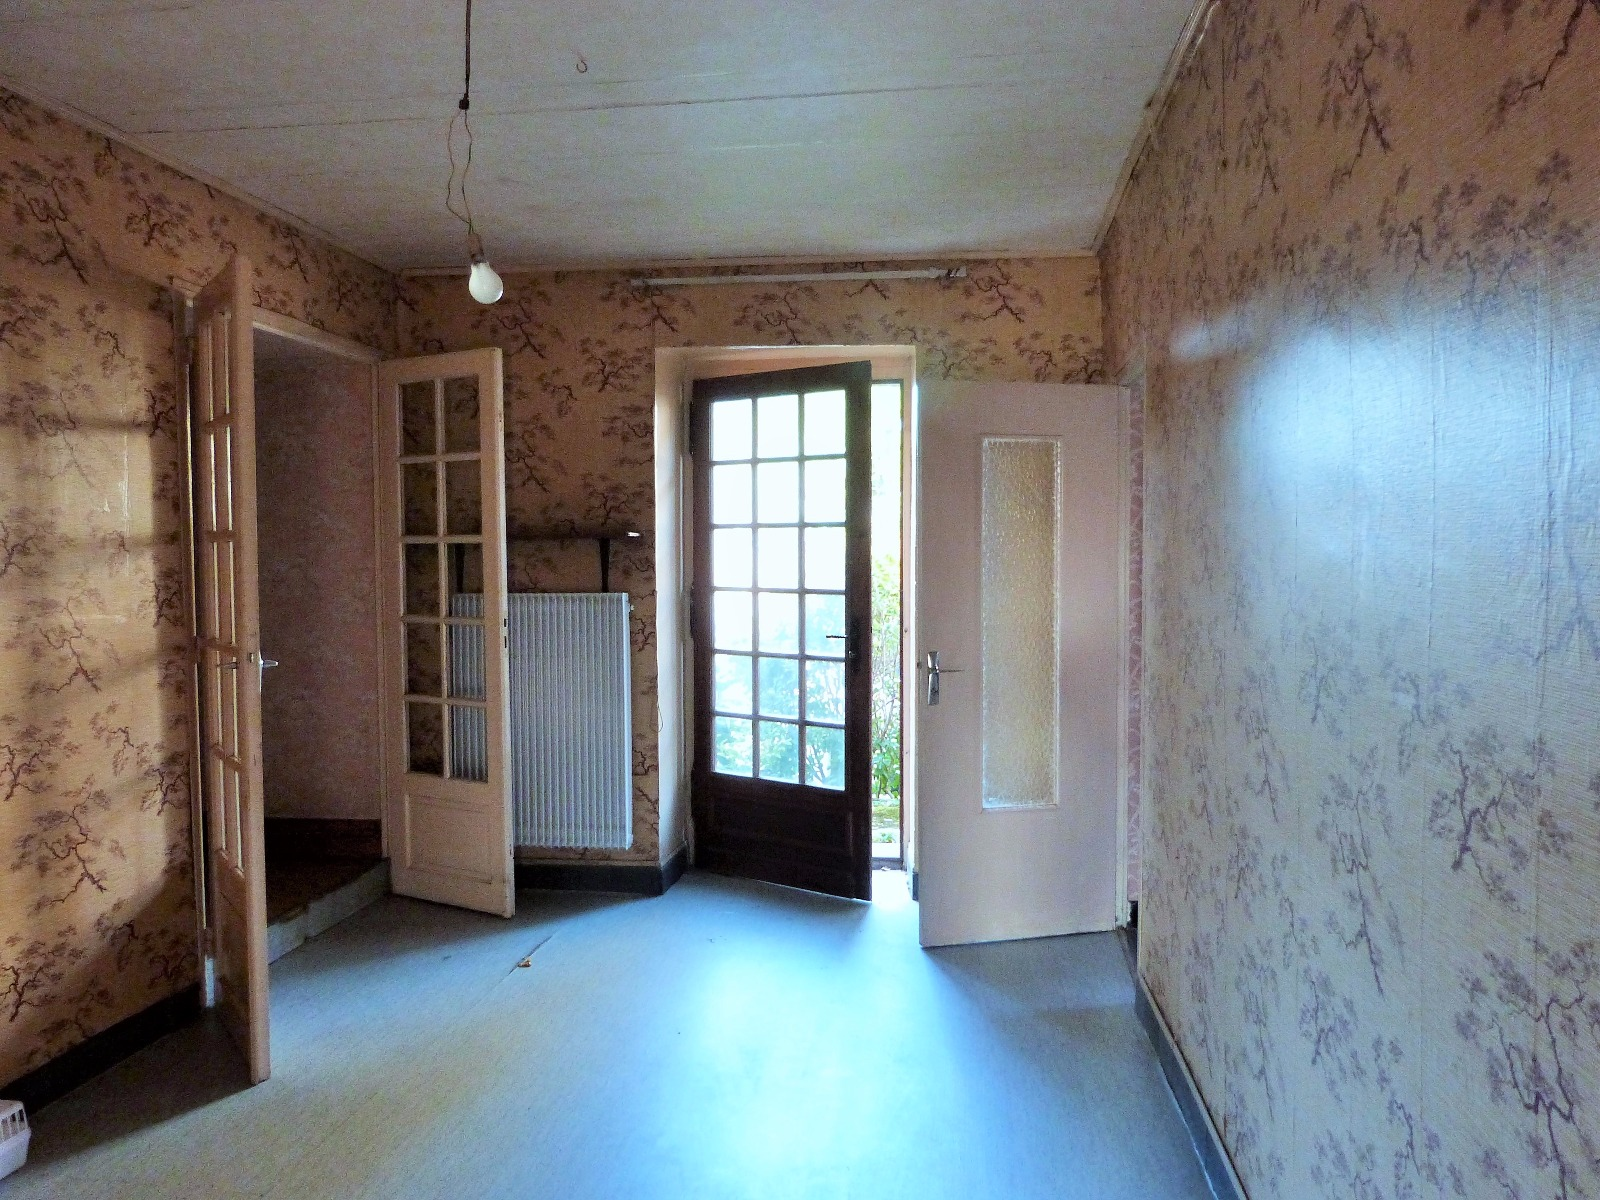 Lons le saunier 11km vends maison r nover avec cachet sans terrain possibilit 2 - Frais de notaire achat garage ...